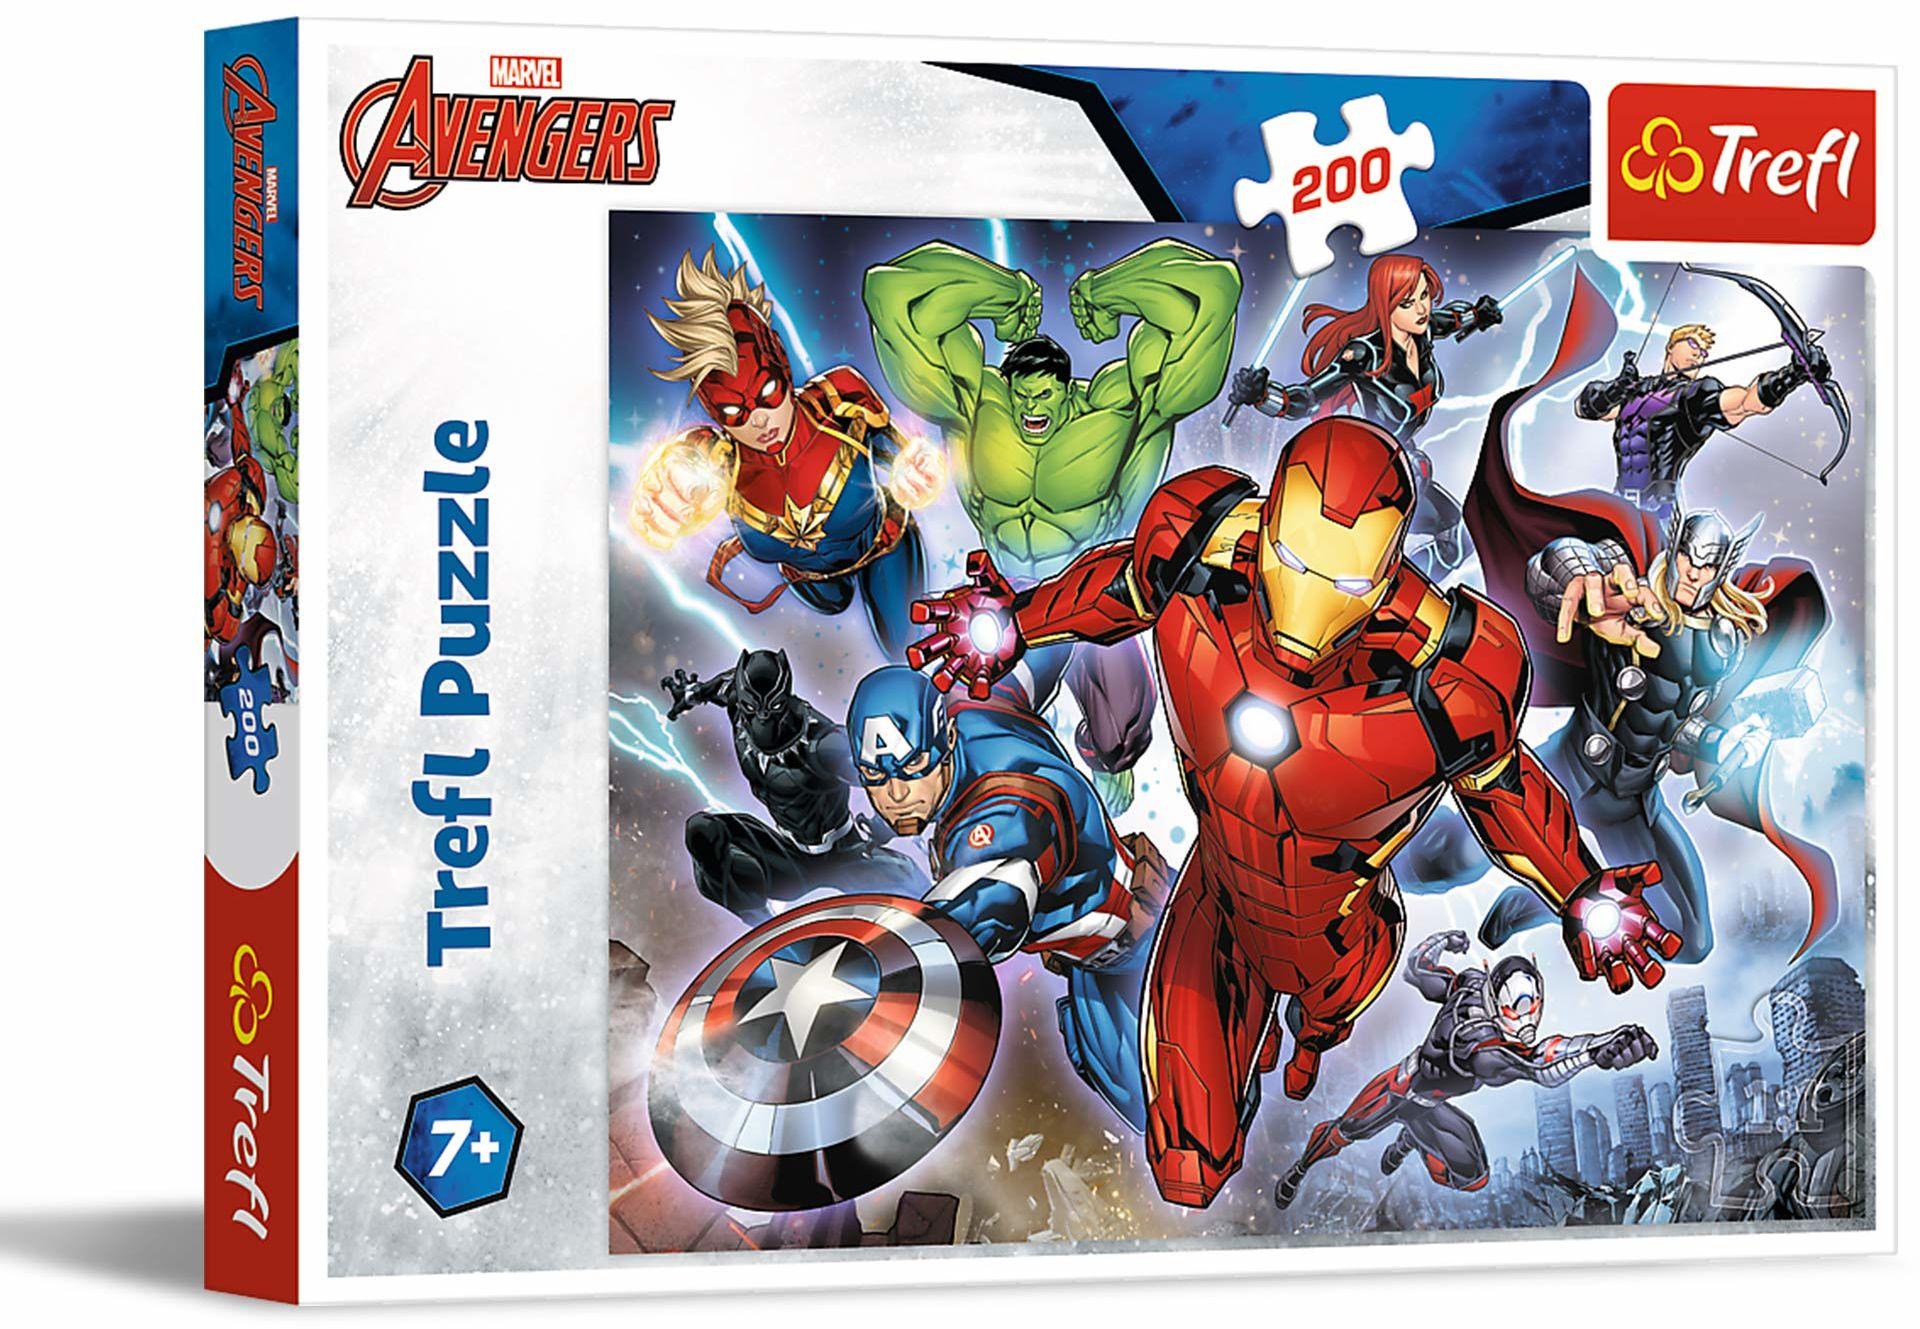 Trefl Waleczni Avengersi Puzzle 200 Elementów Marvel o Wysokiej Jakości Nadruku dla Dzieci od 7 lat